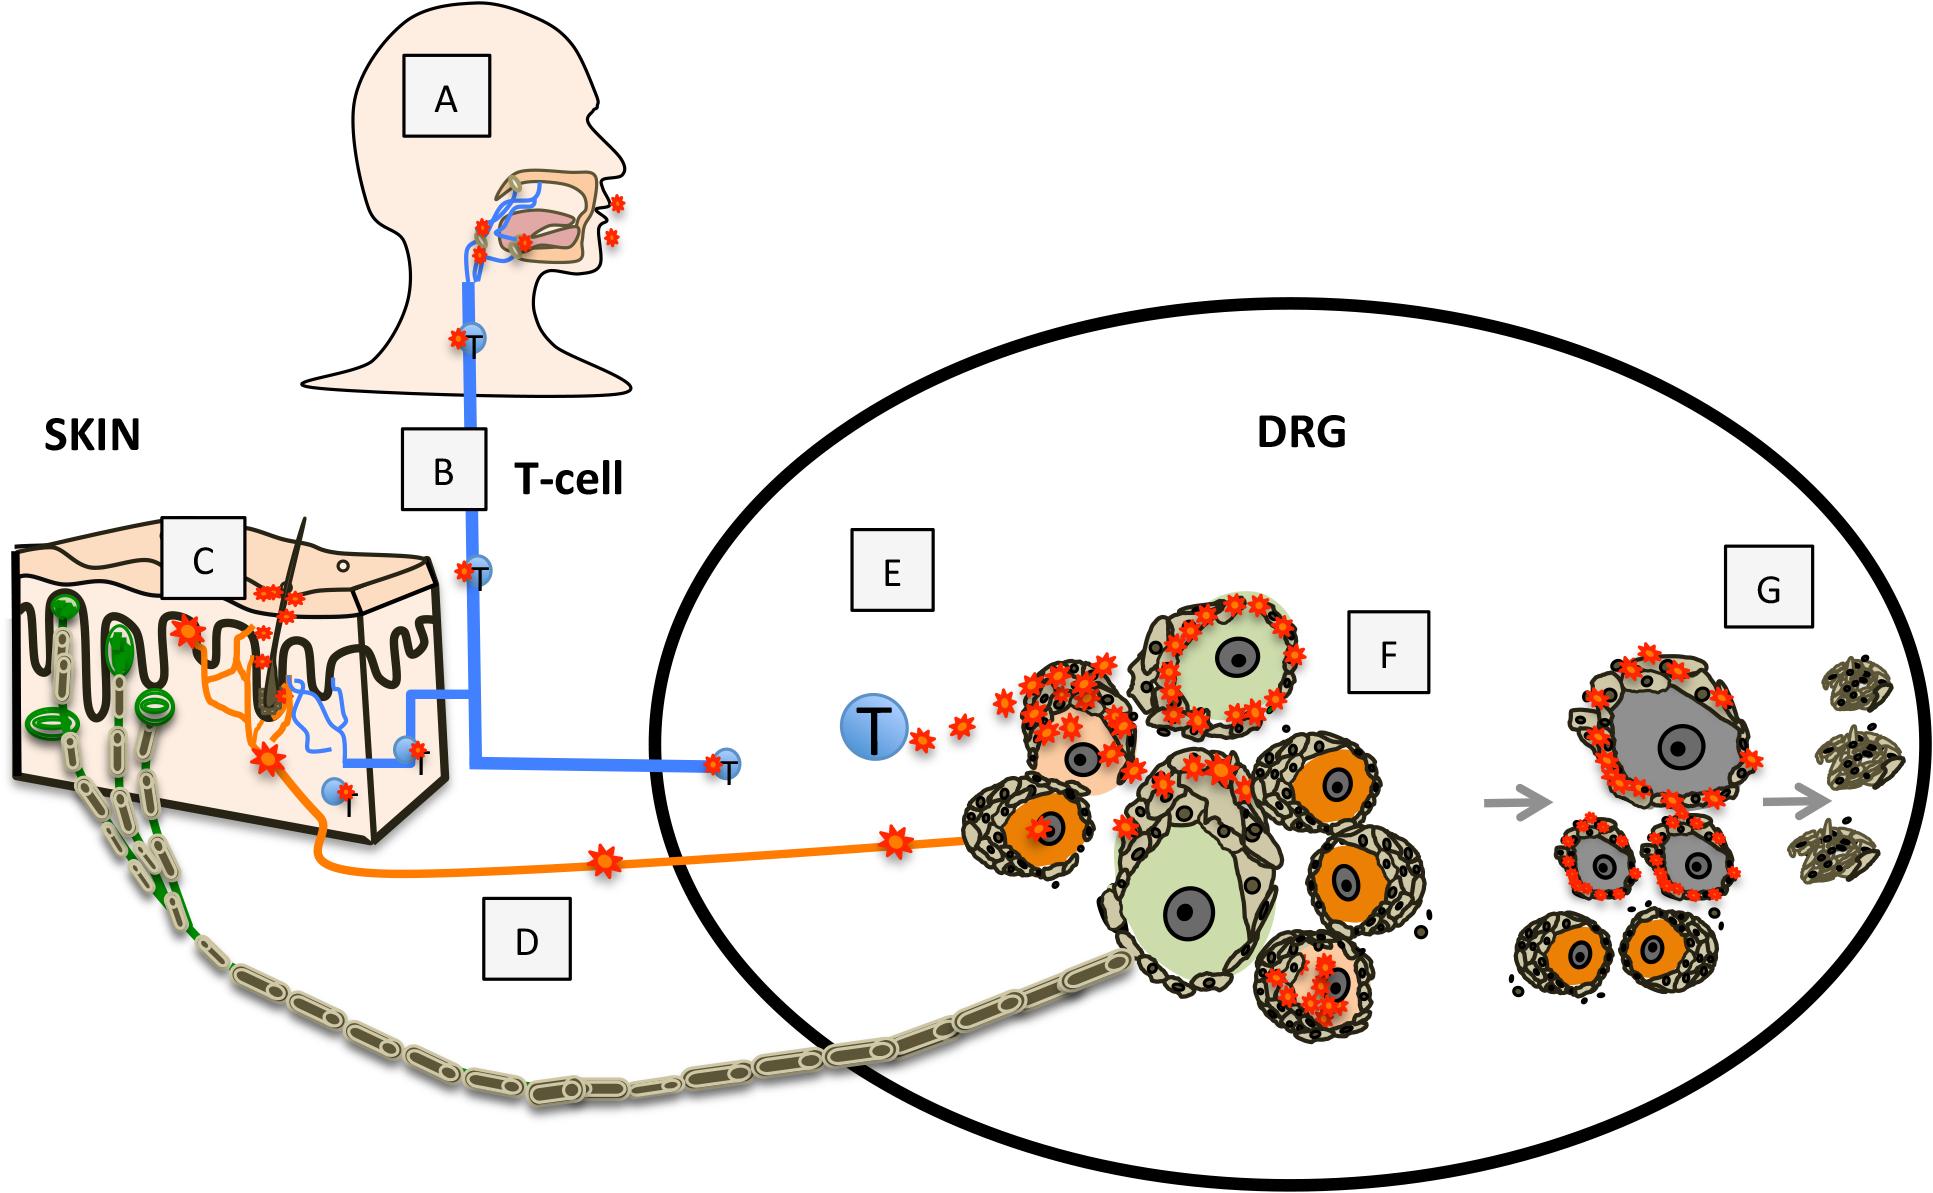 Model for VZV infection of DRG.